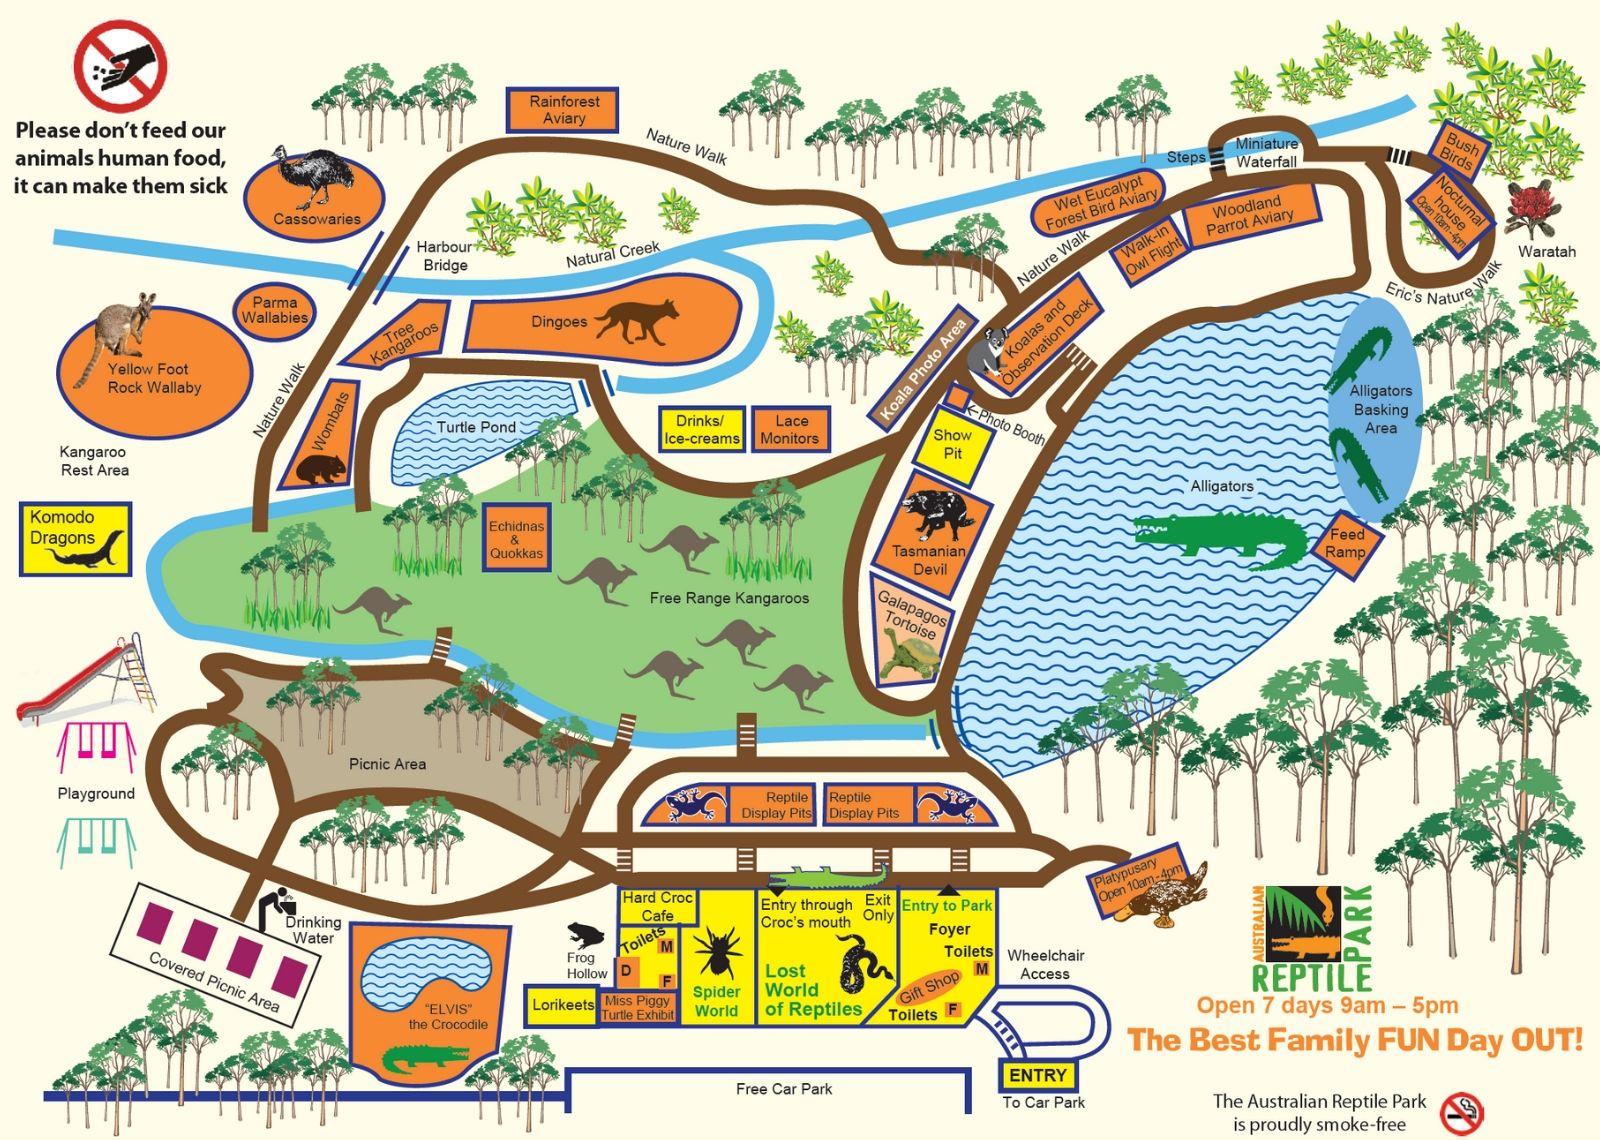 オーストラリアン レピタイルパーク 爬虫類公園 地図 2020